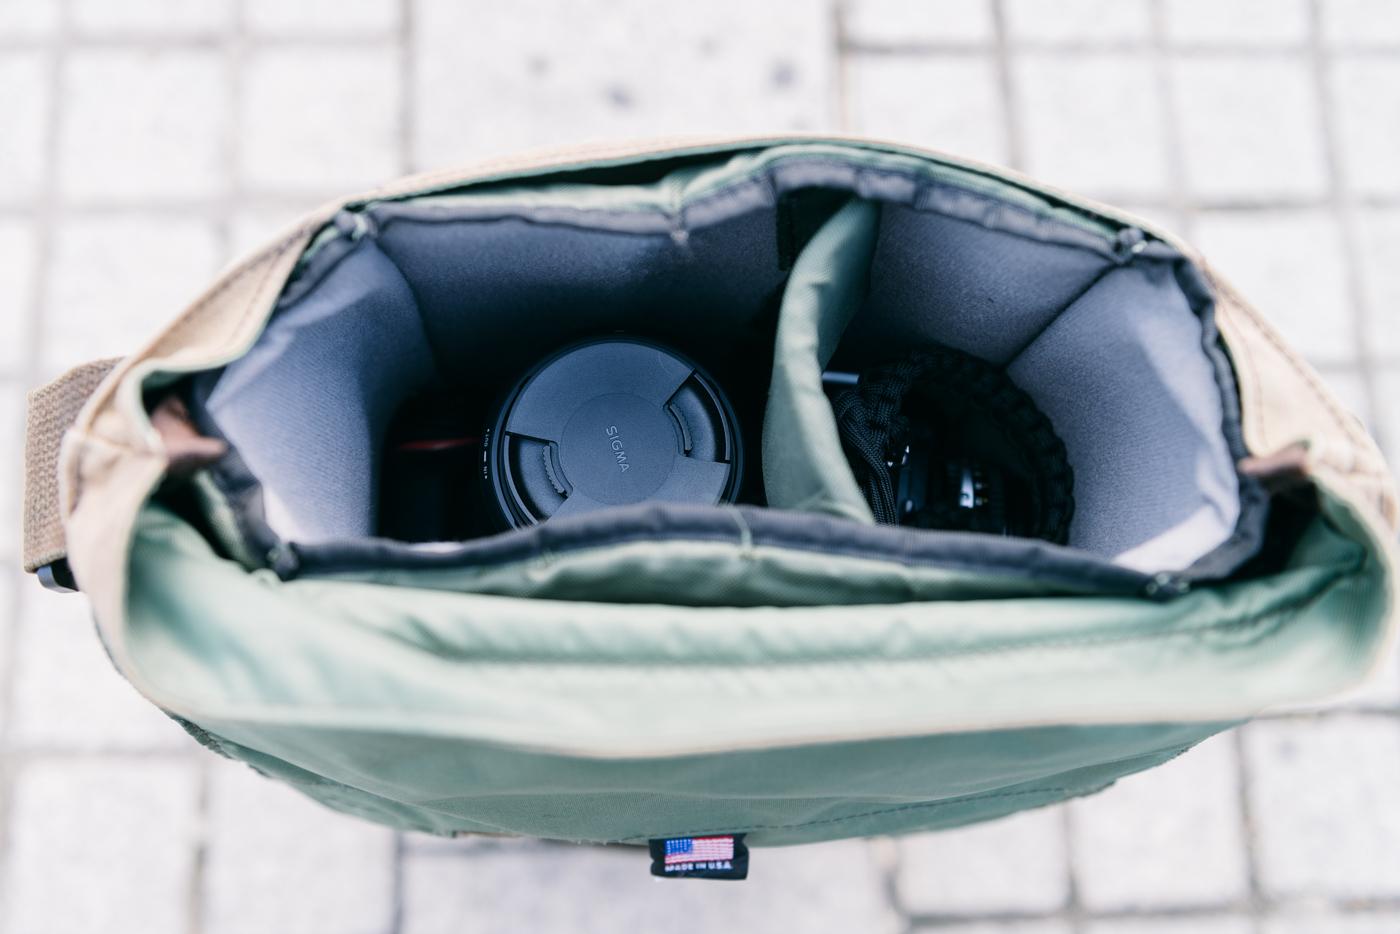 Nikon D800 + 35 mm f/1.4 Art Sigma et un Nikon FE2 + 50 mm